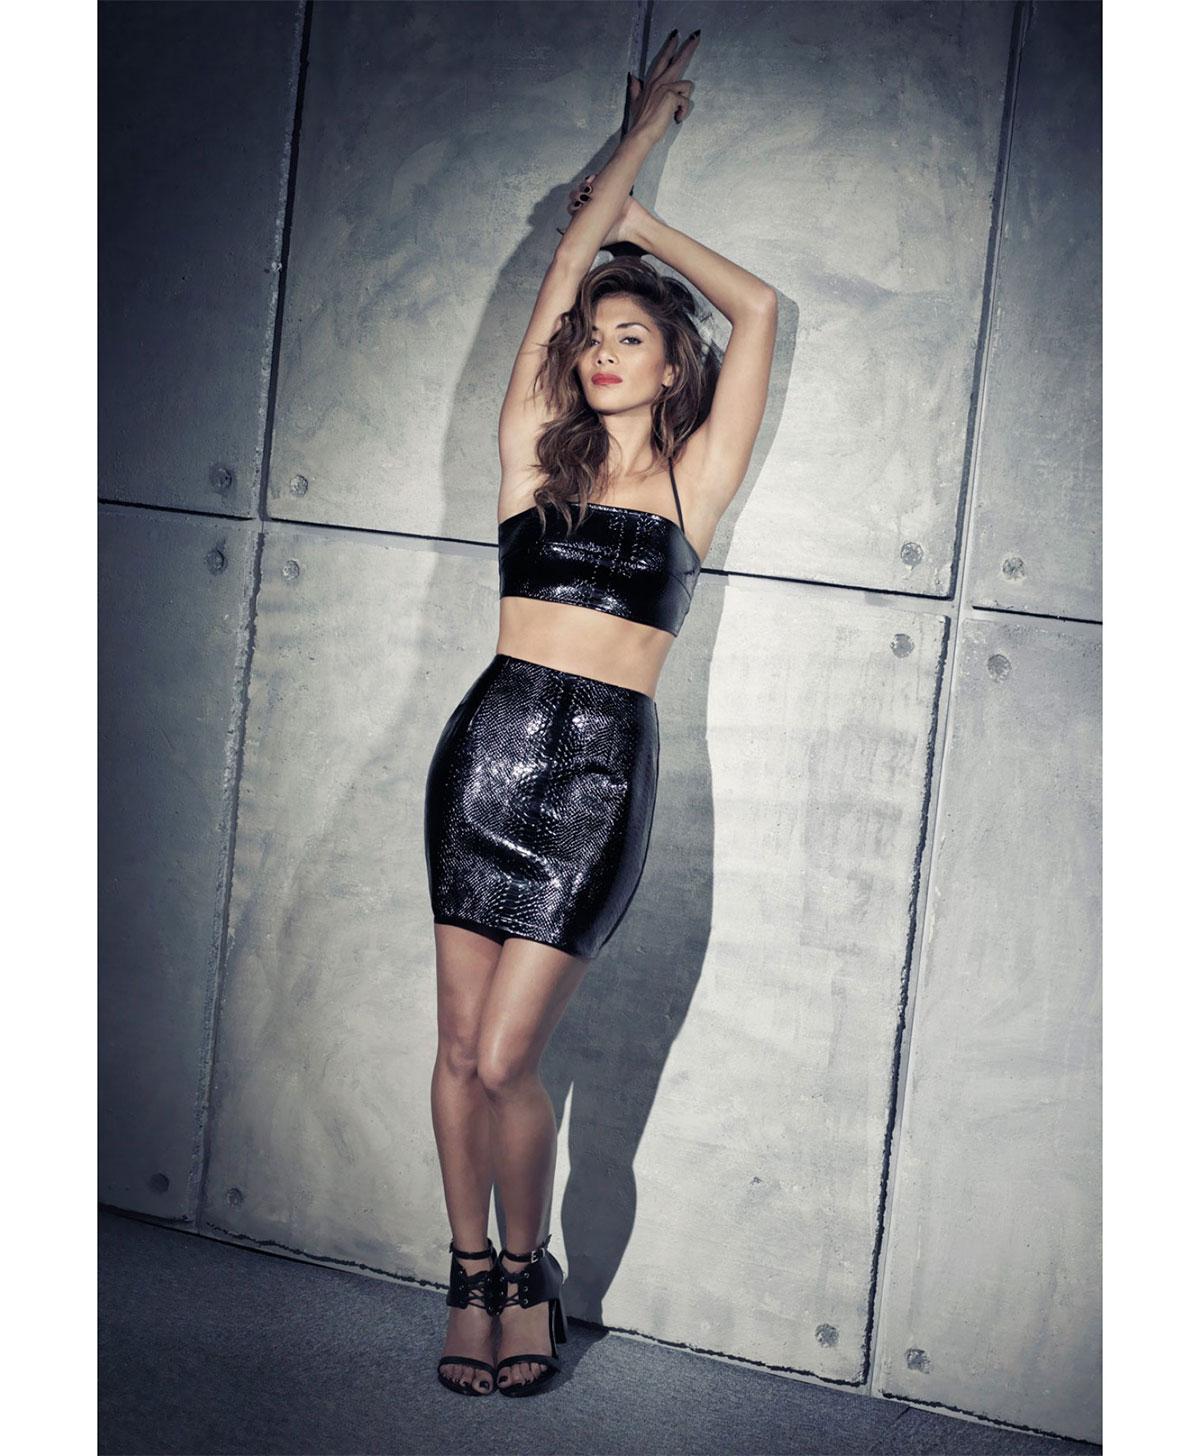 Nicole Scherzinger Missguided Collection Autumn/Winter 2014